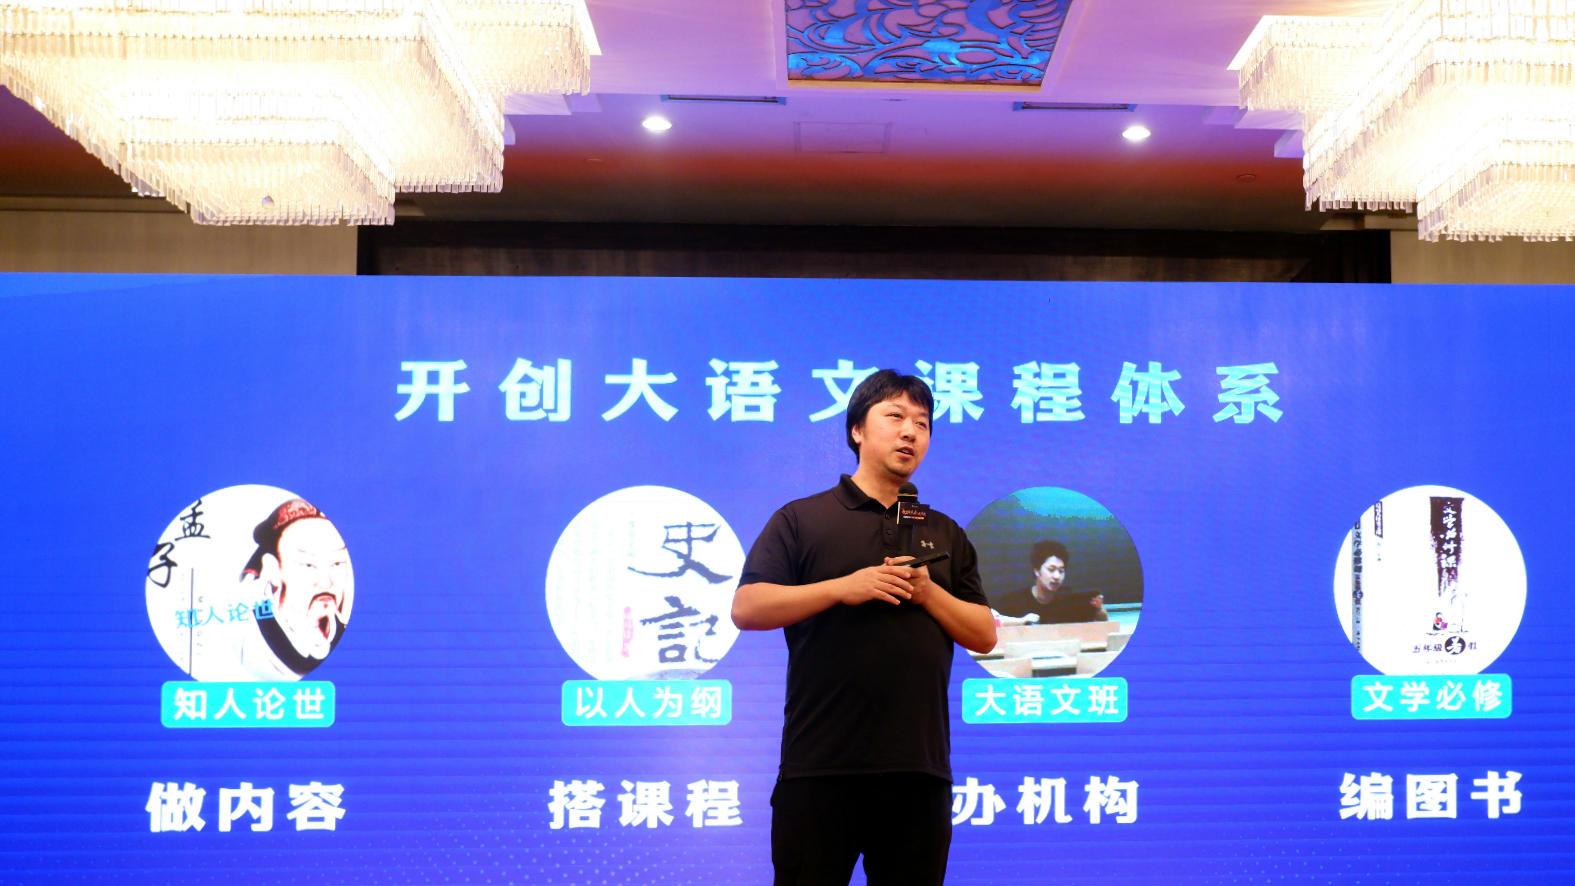 """豆神大语文官宣教育体系4.0,""""能动性""""革命引领赛道升级"""